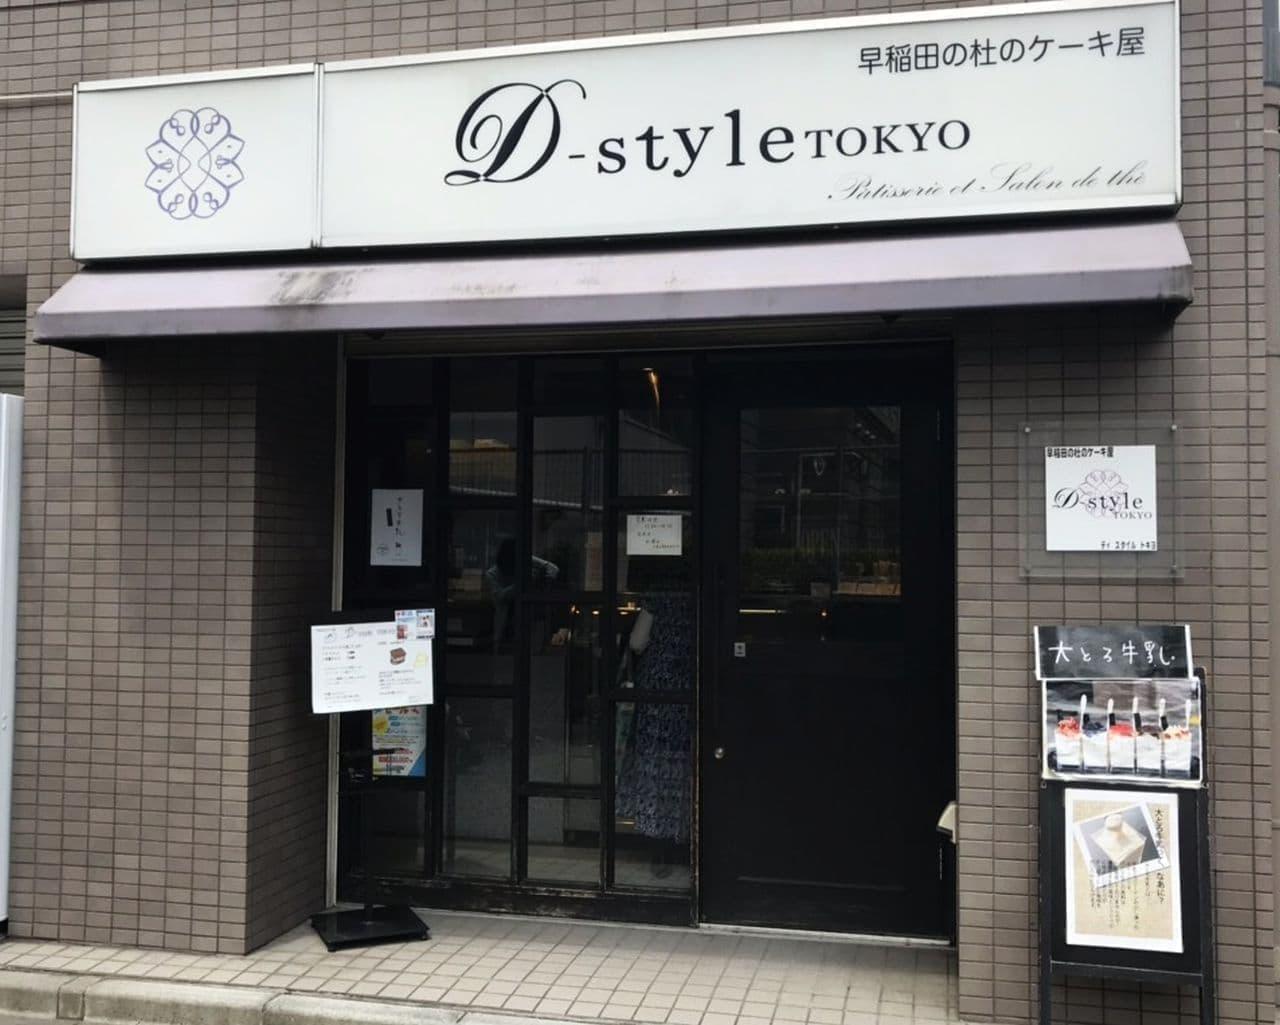 早稲田「D-style TOKYO(ディースタイル トーキョー)」